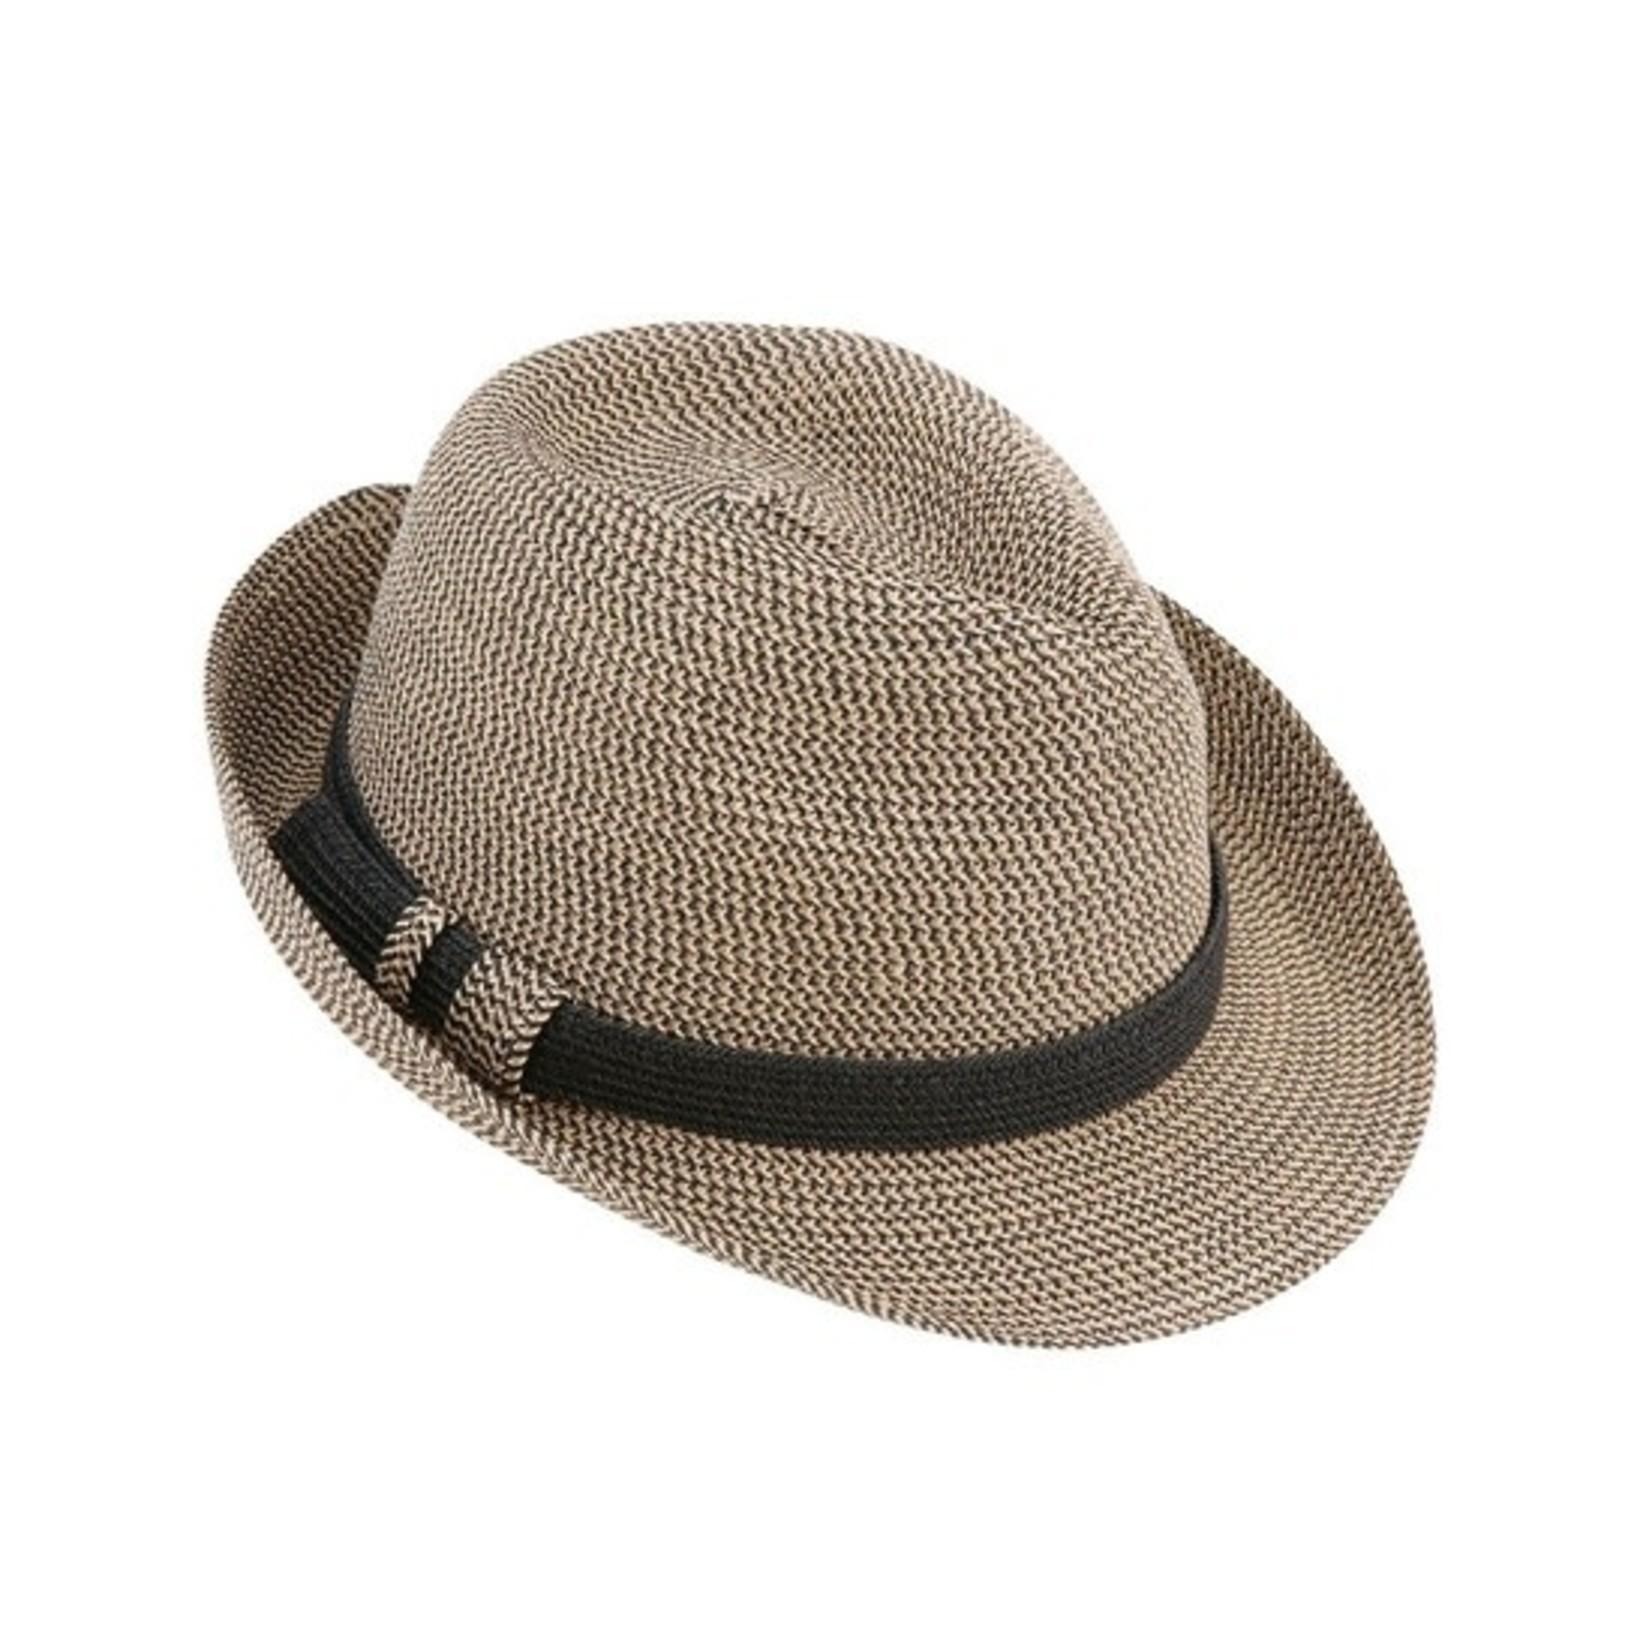 Black Braided Tweed Hat